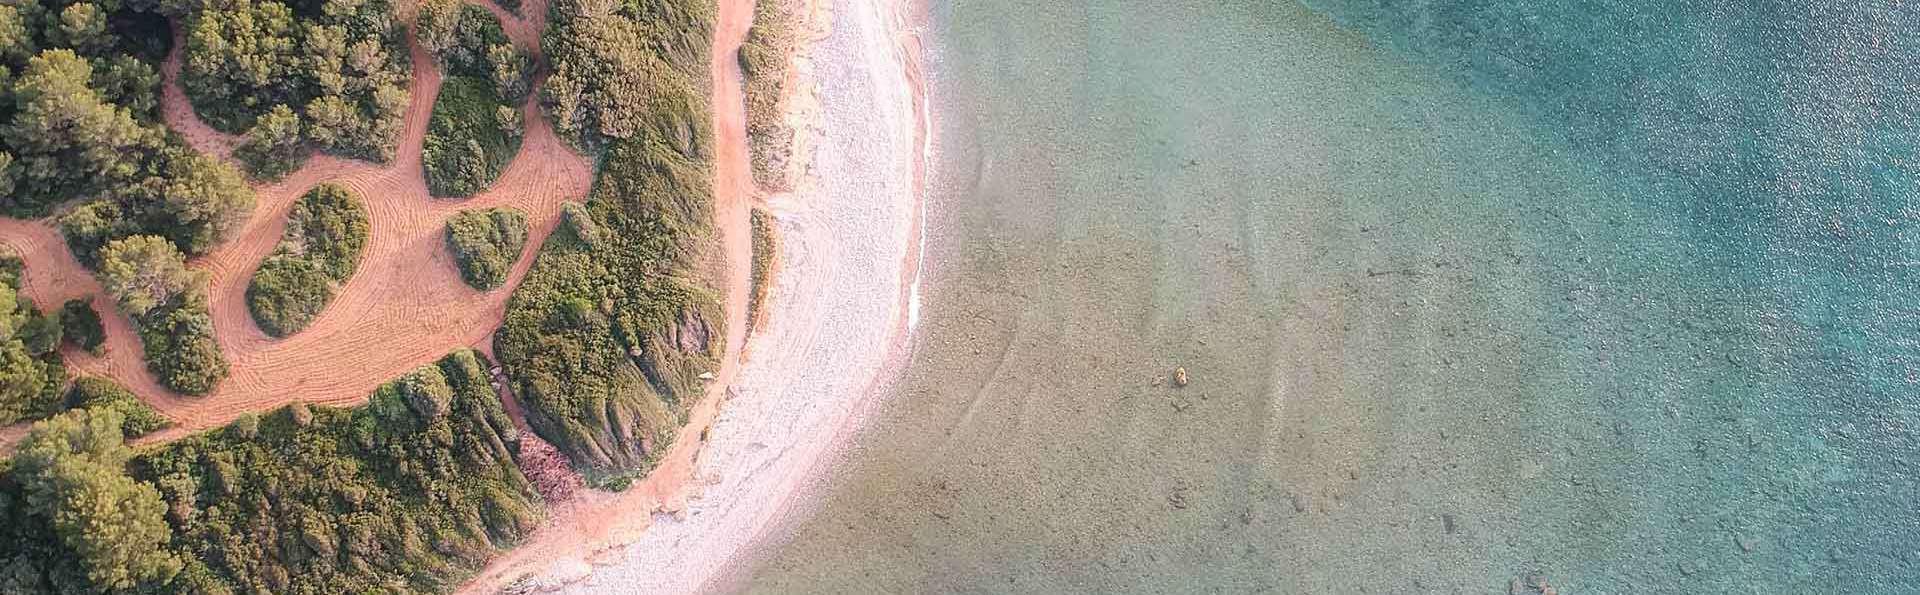 Escapade évasion dans un coin paradisiaque à Majorque avec vue sur la mer, yoga